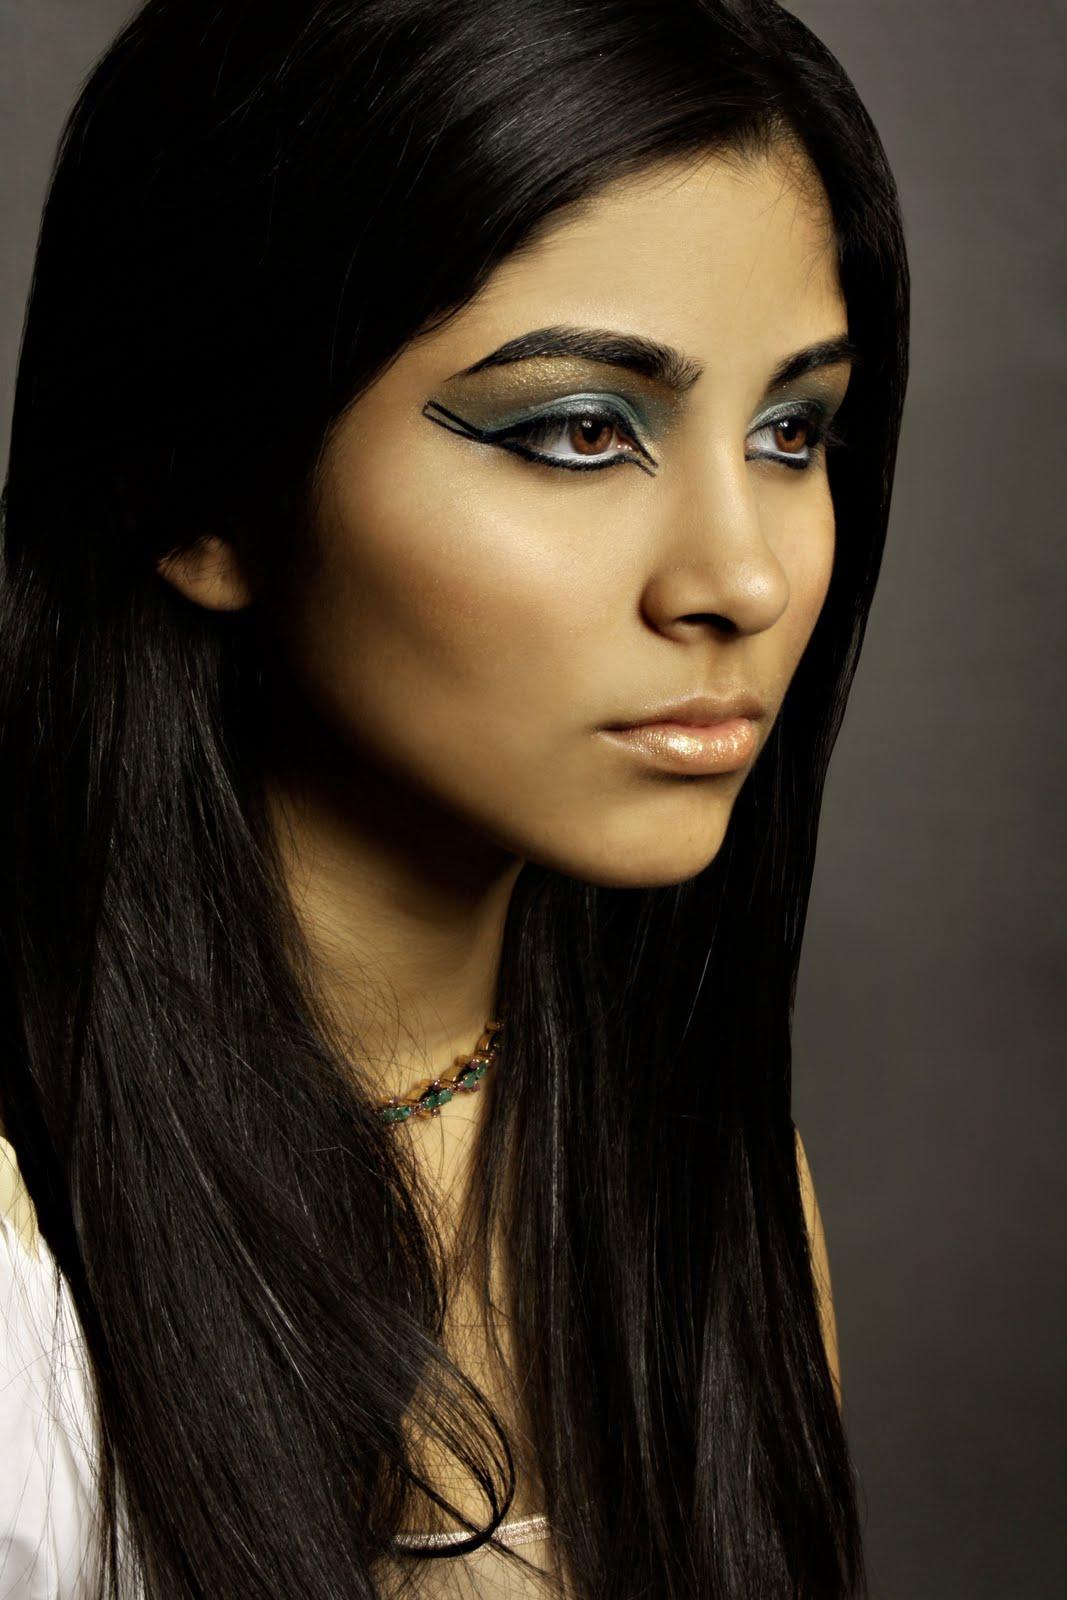 cleopatra maquiagem maquilhagem